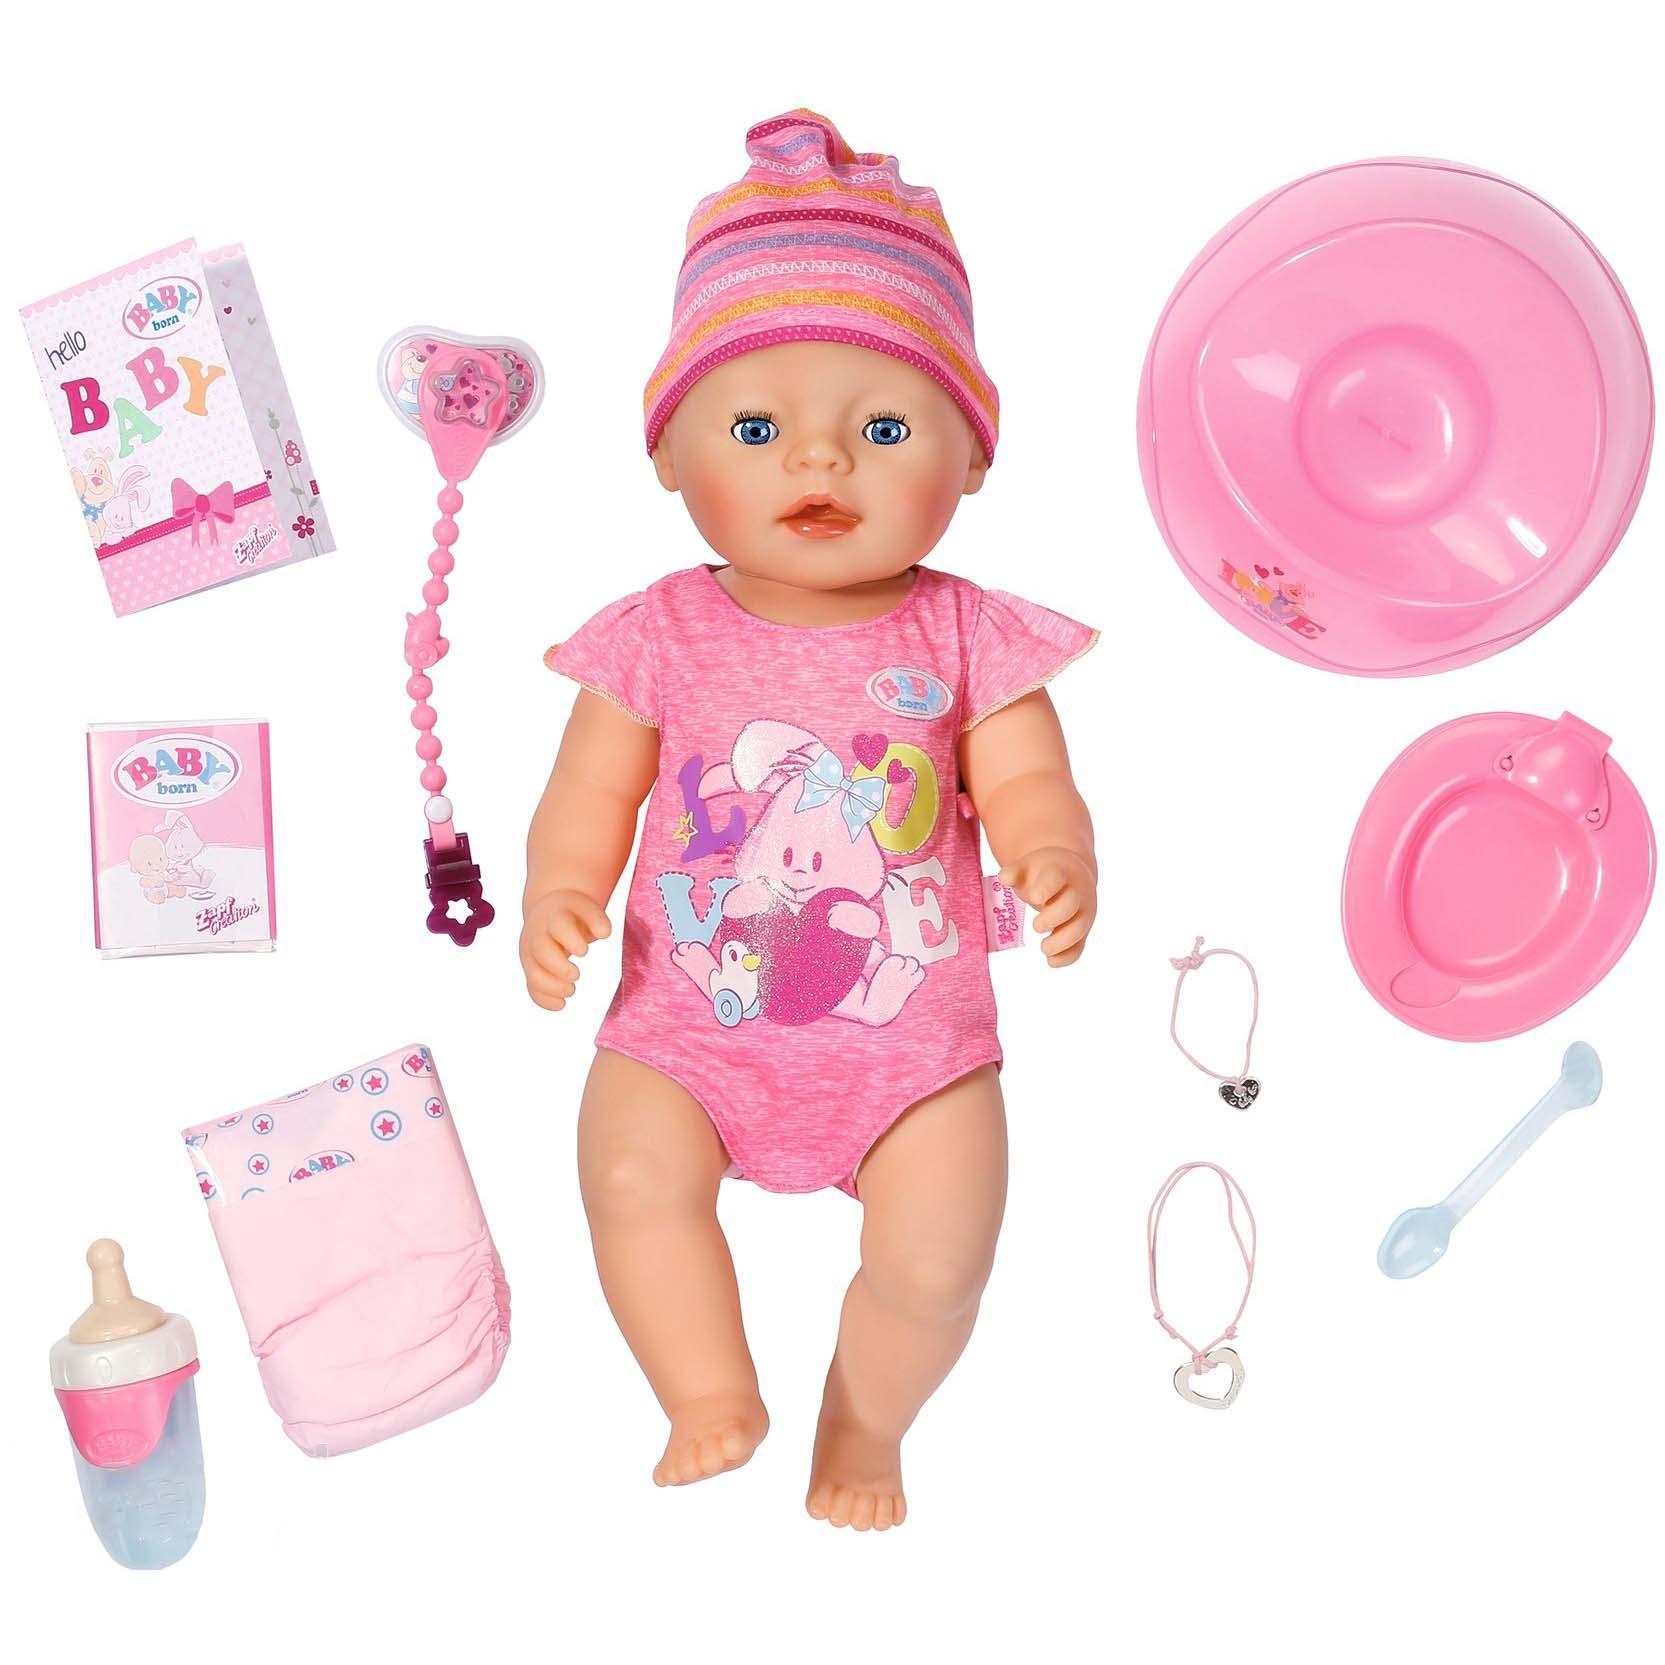 Интерактивная кукла - Baby born, 43 см от Toyway